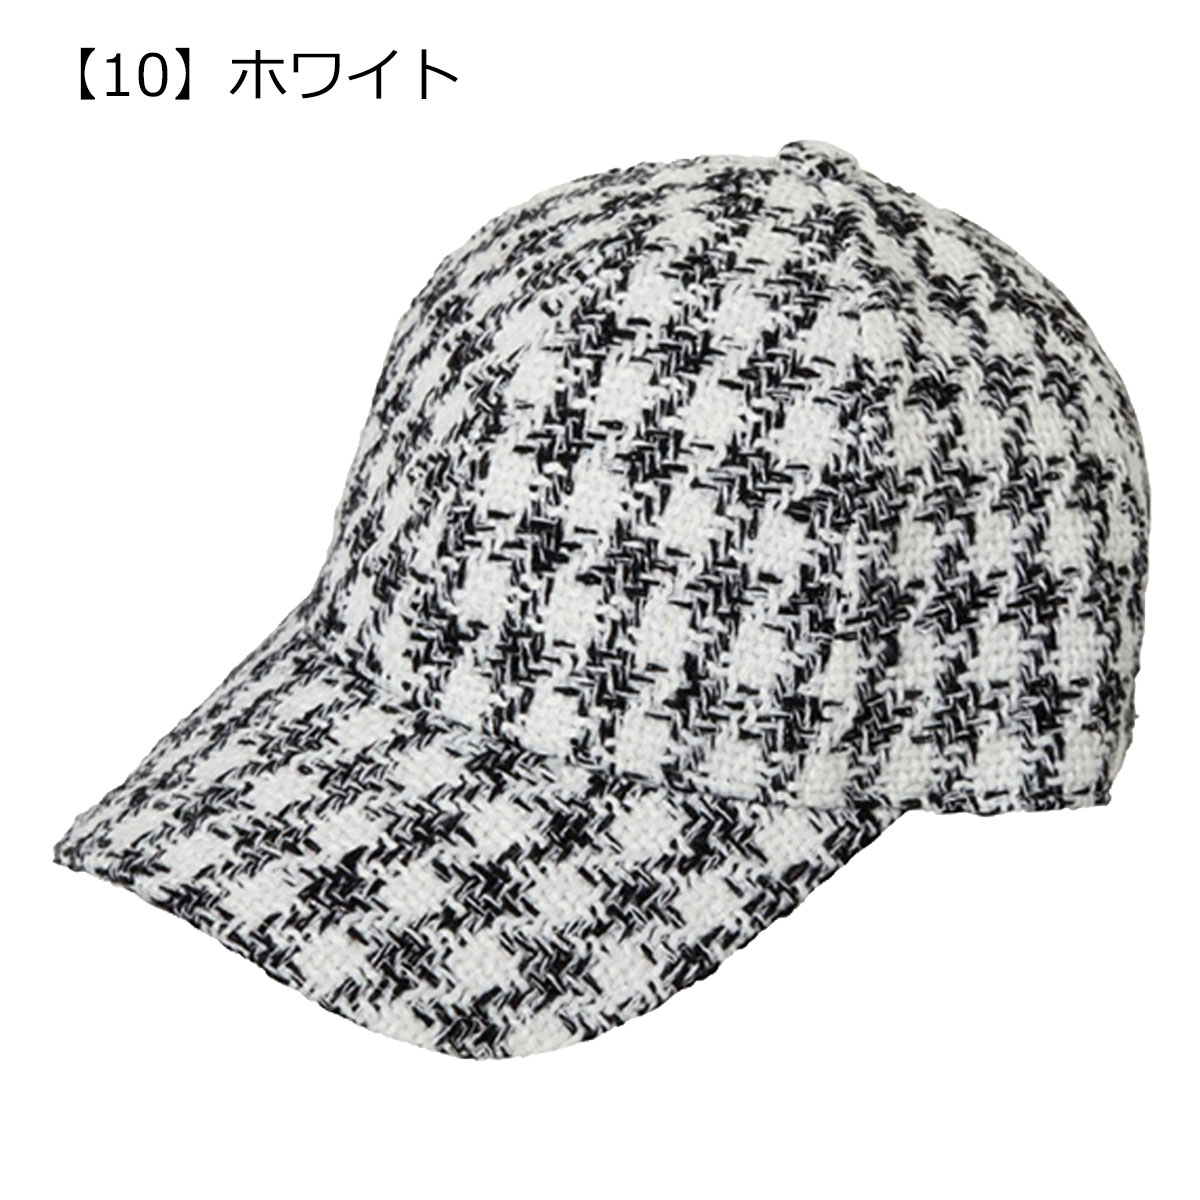 【10】ホワイト